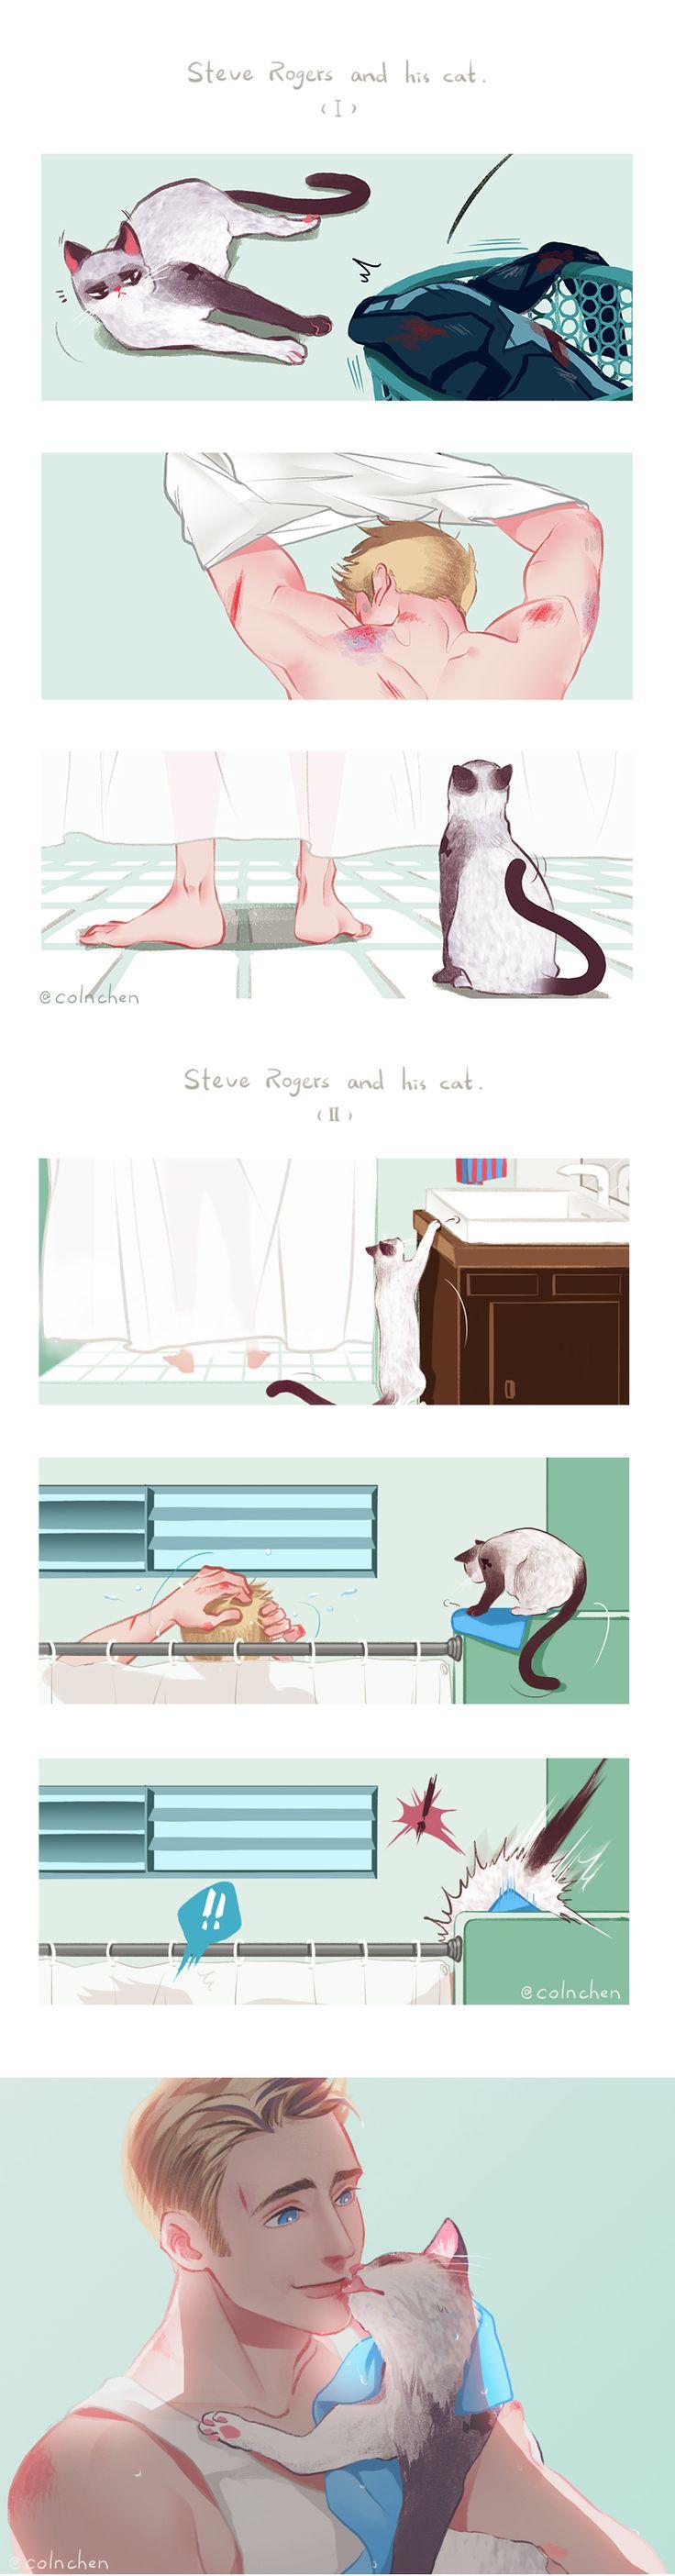 http://colnchen.tumblr.com/